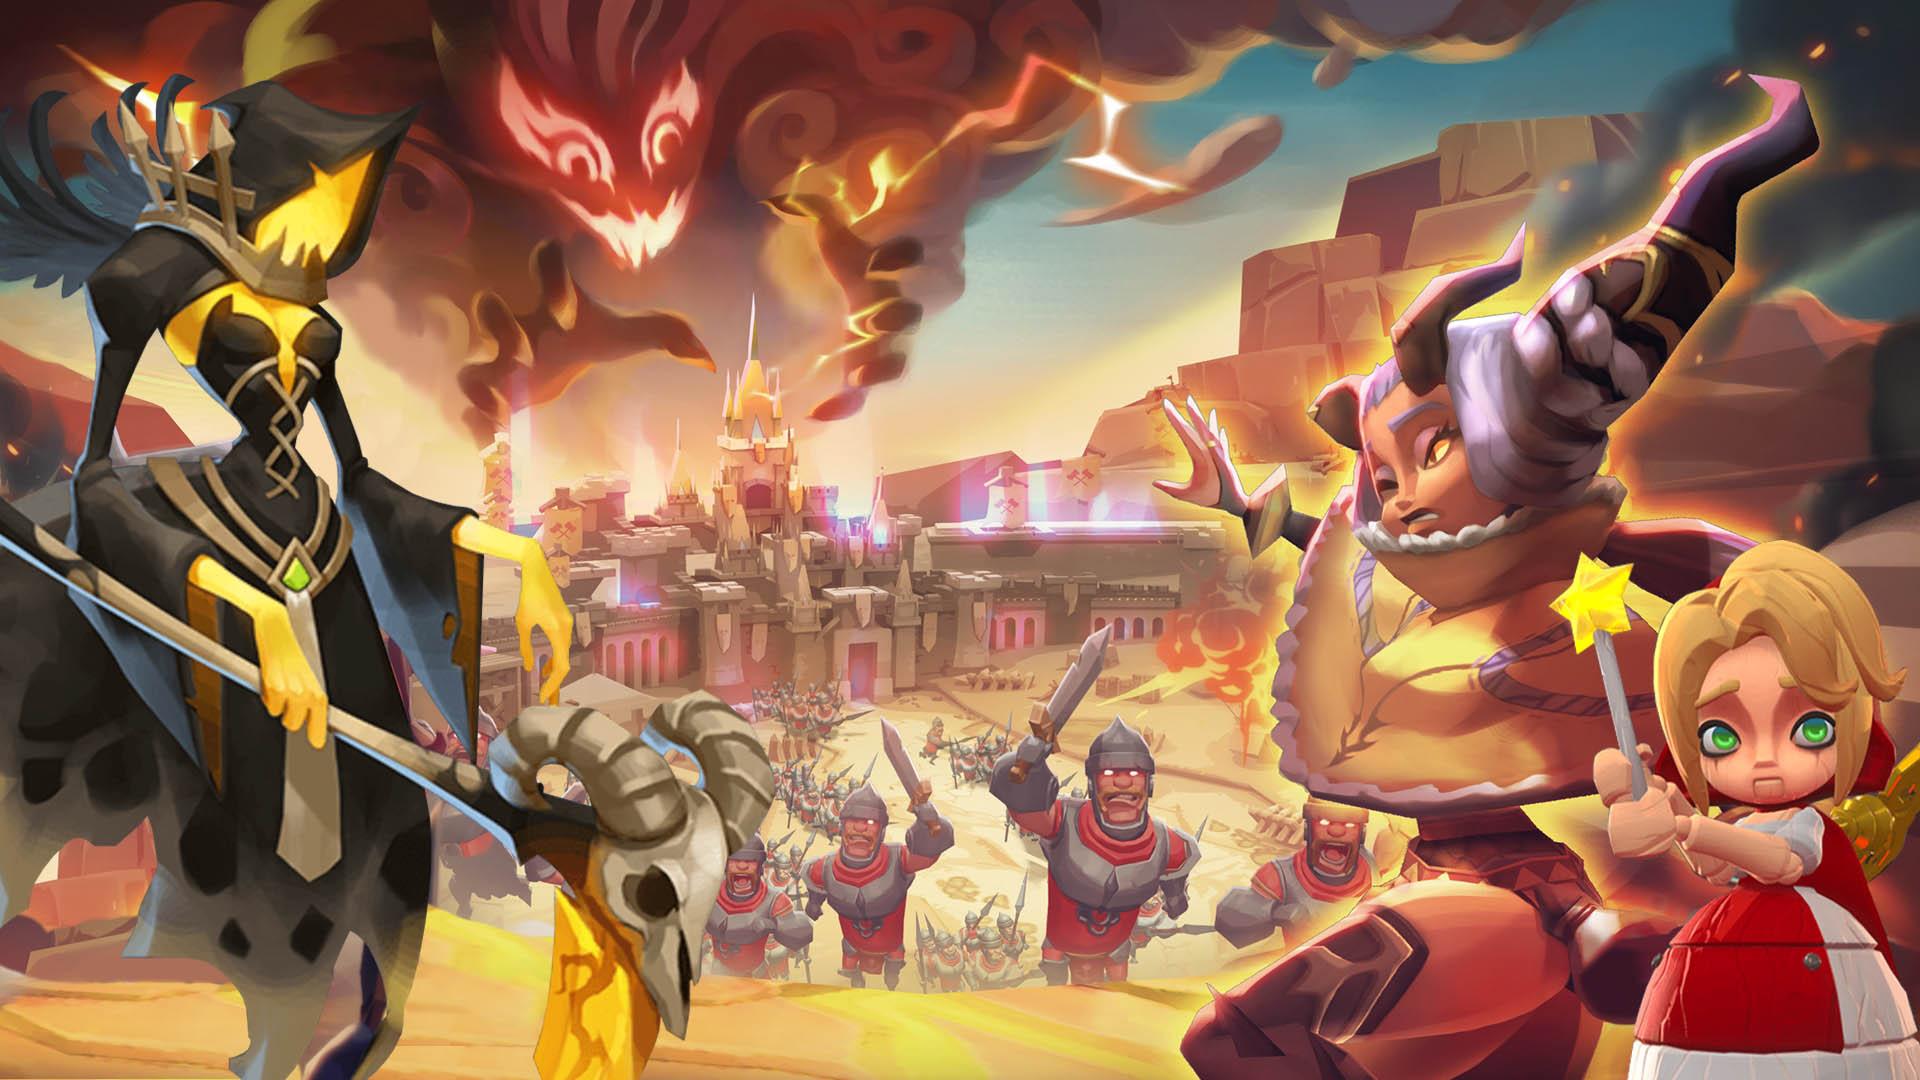 Война и сражения в игре